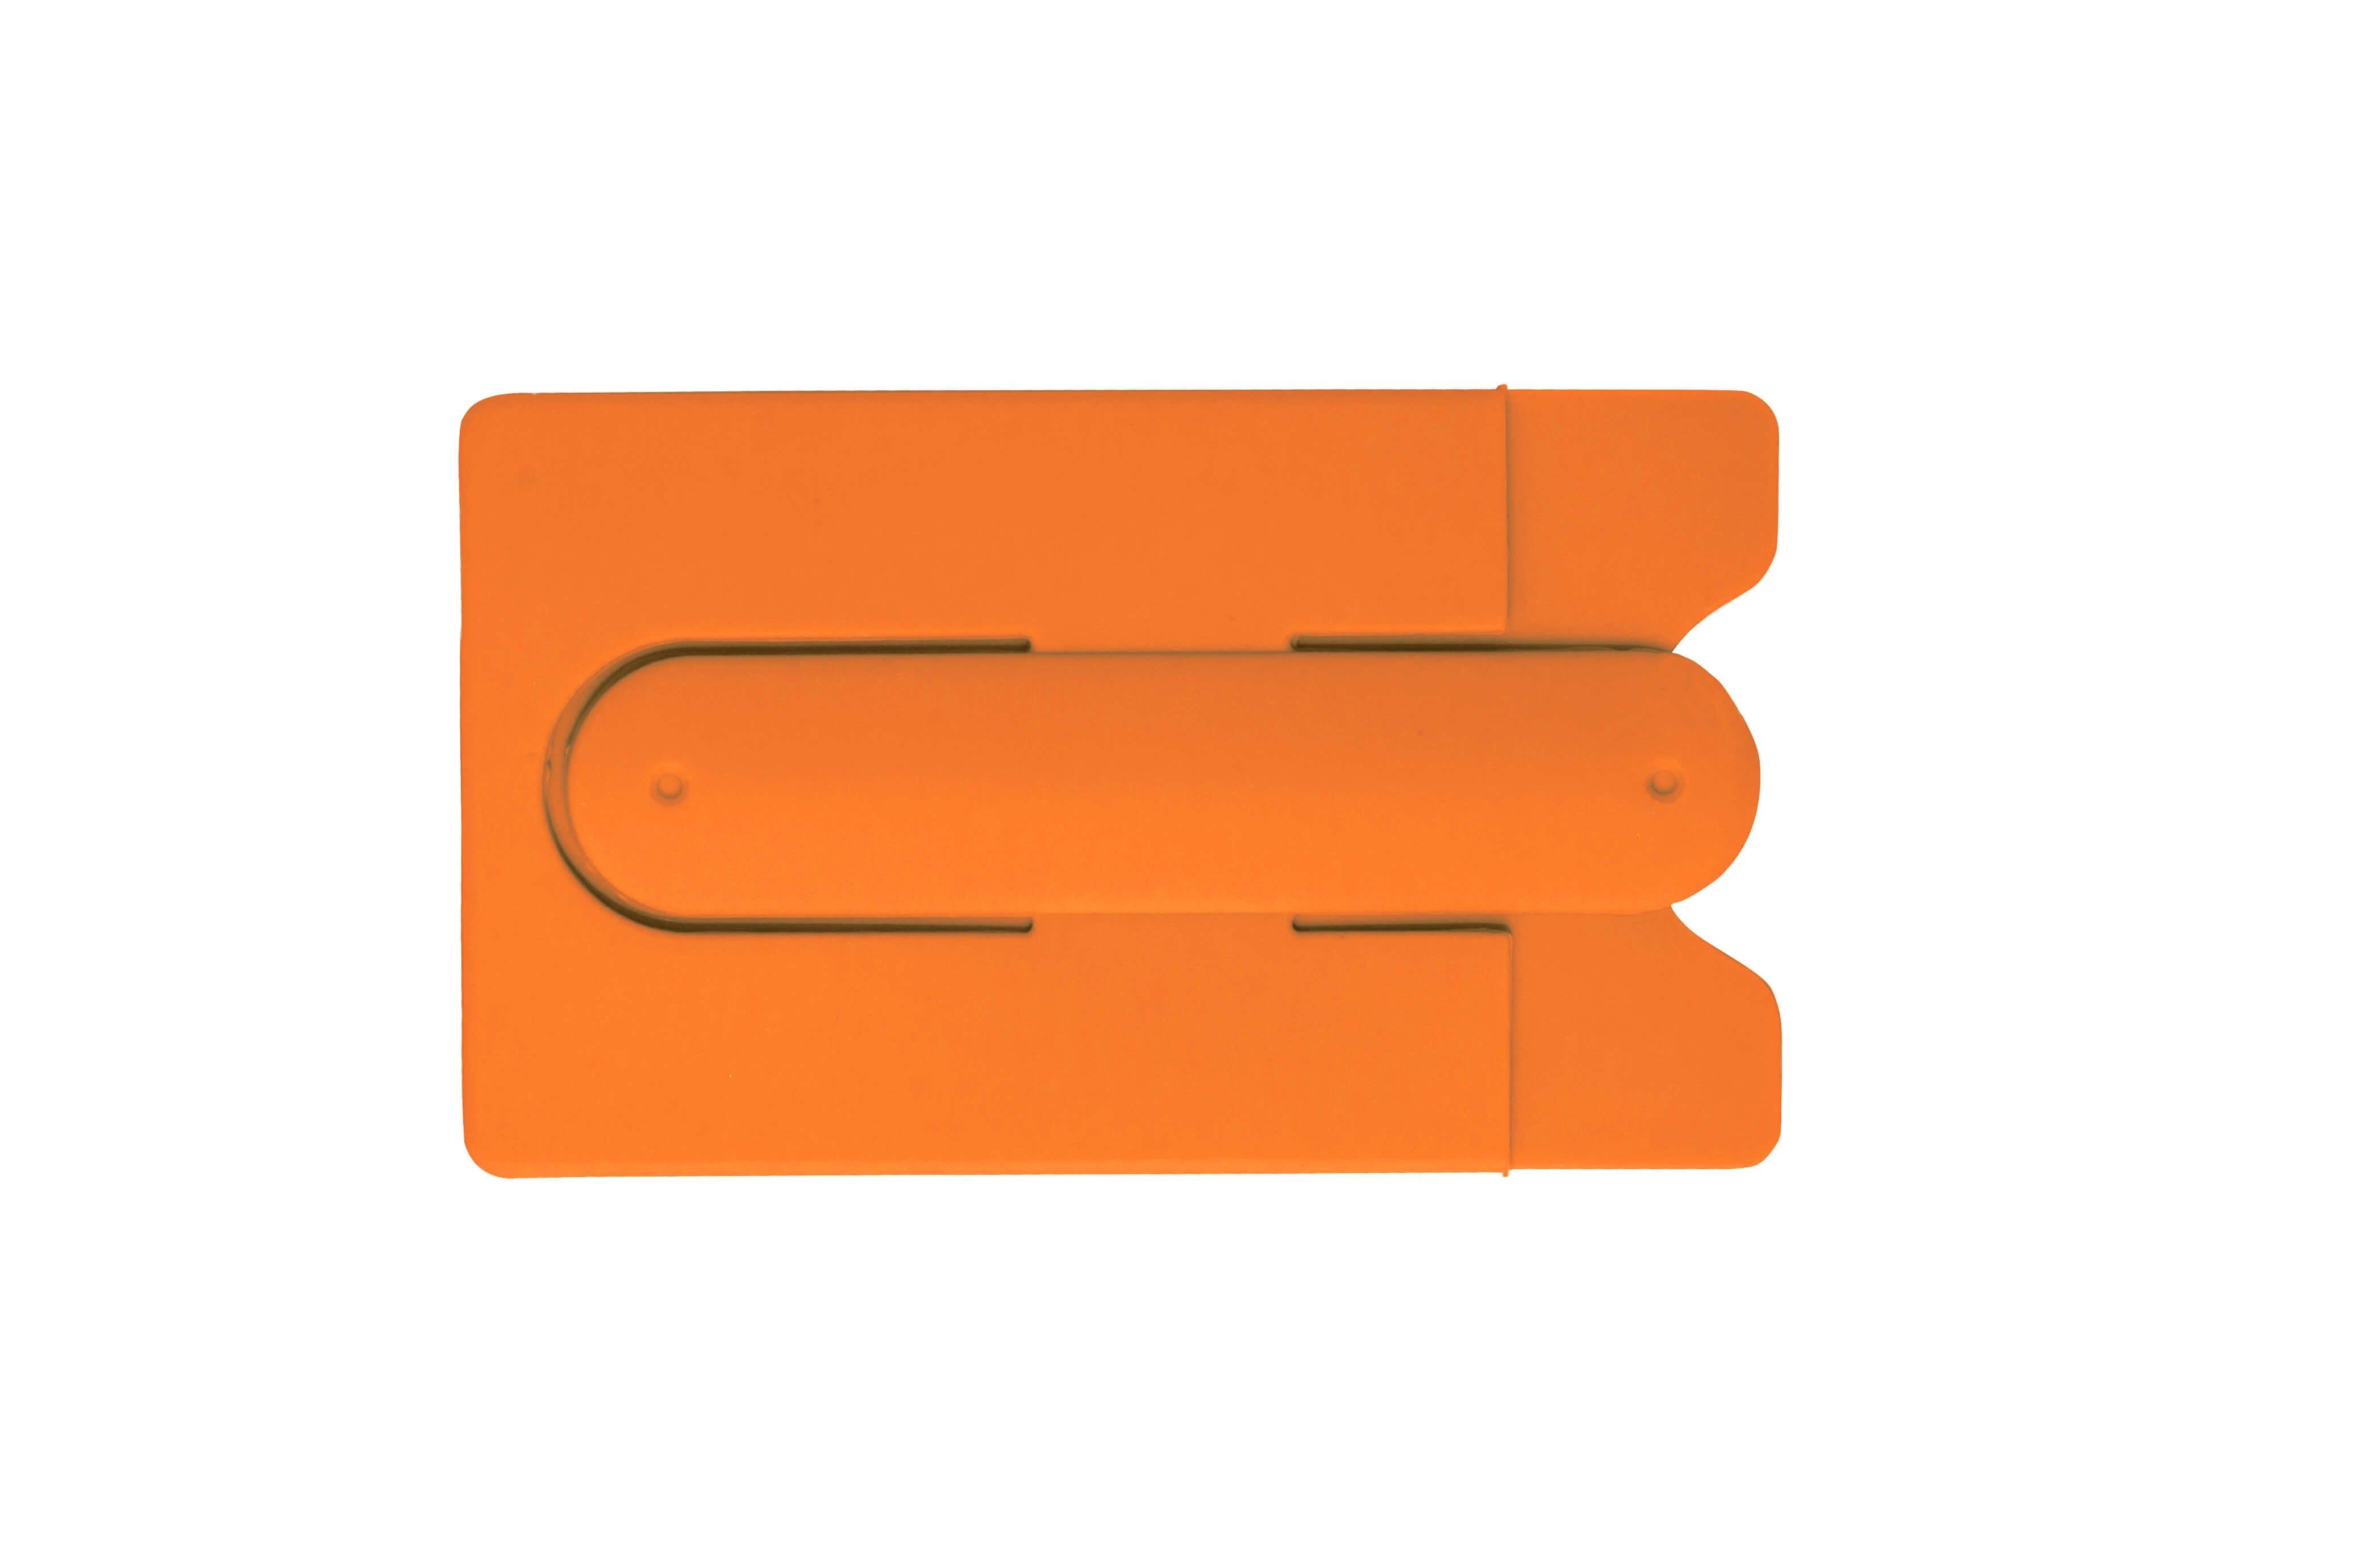 kickstand-orange-165c-copy